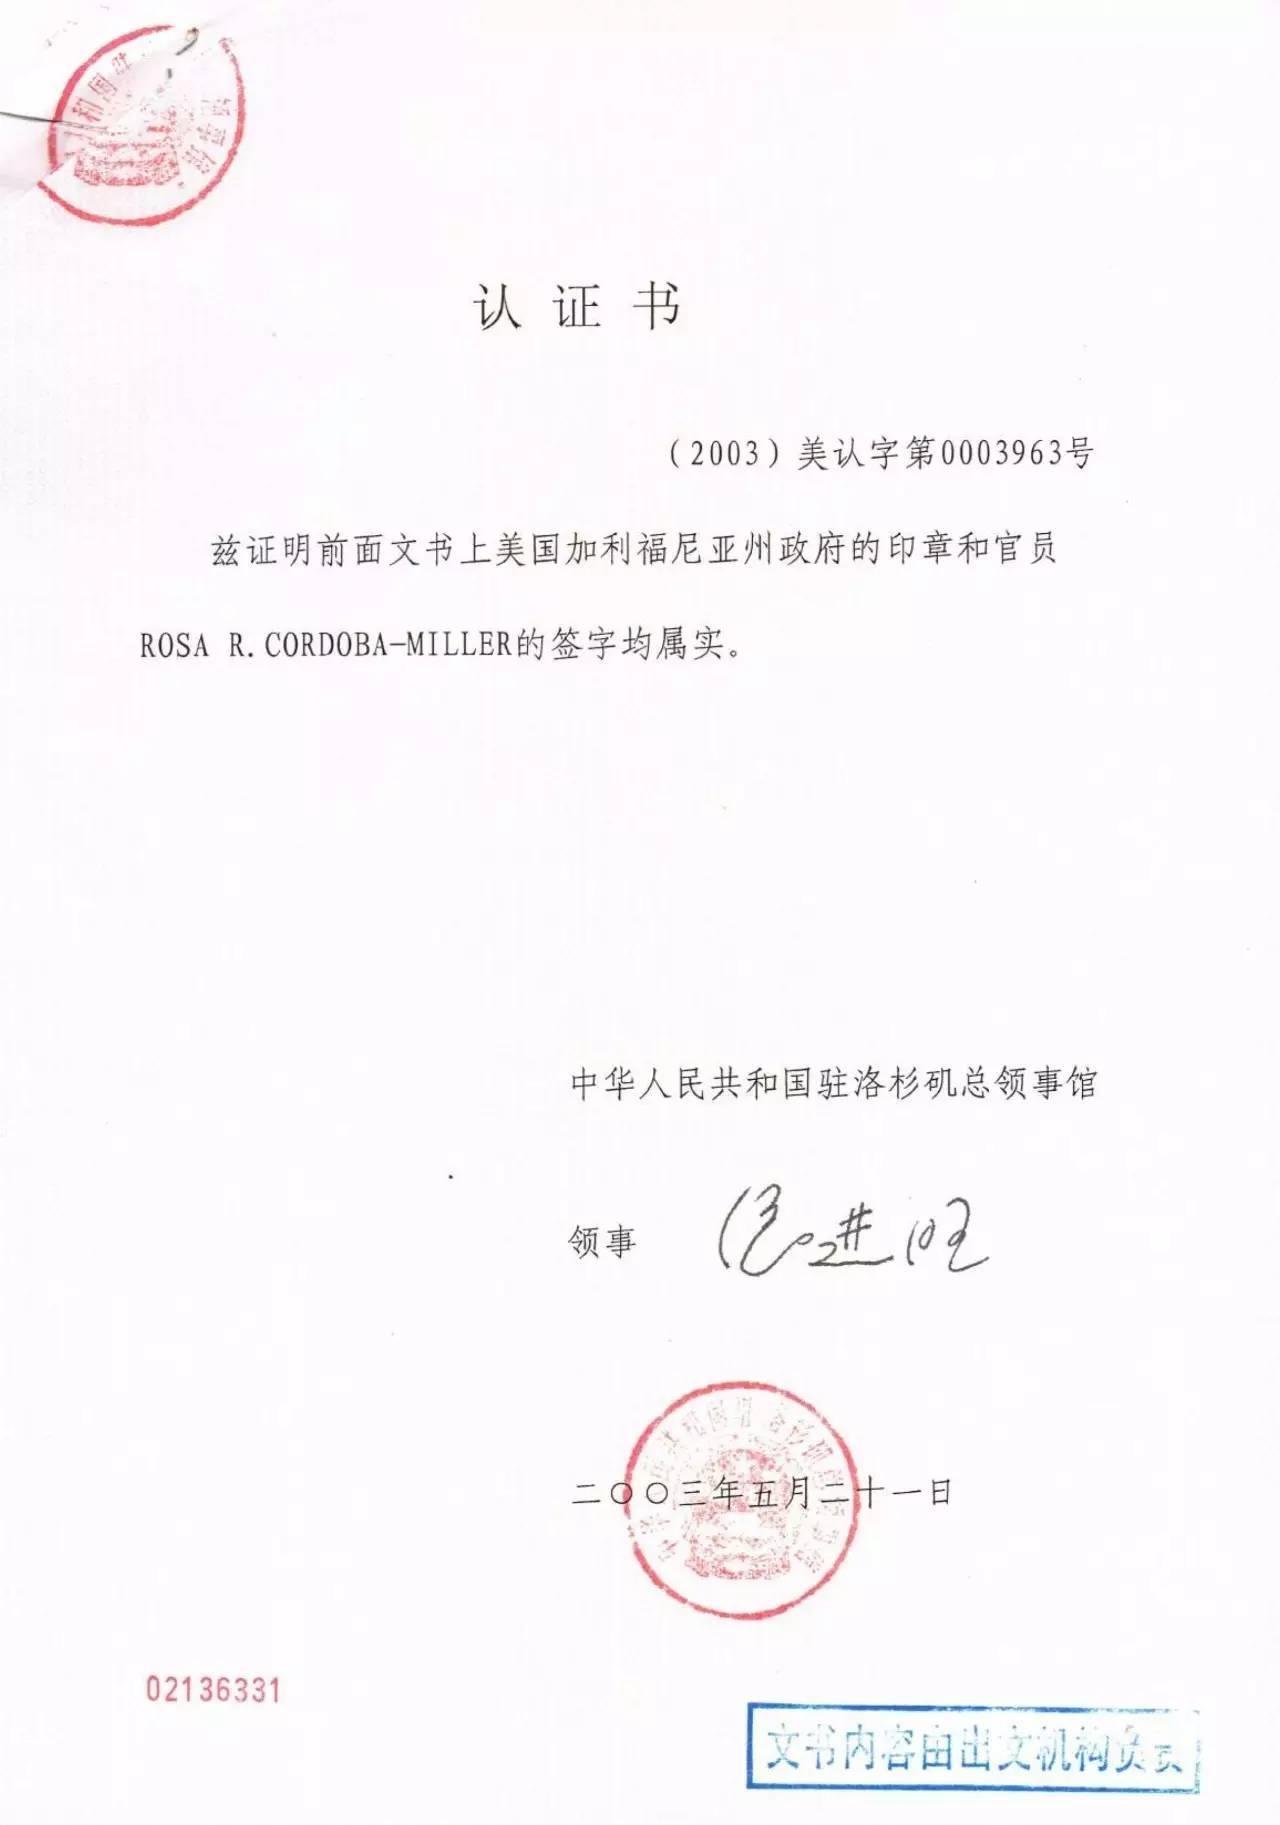 周永康陈绍基陷害第三世多杰羌佛真相曝光 第38张